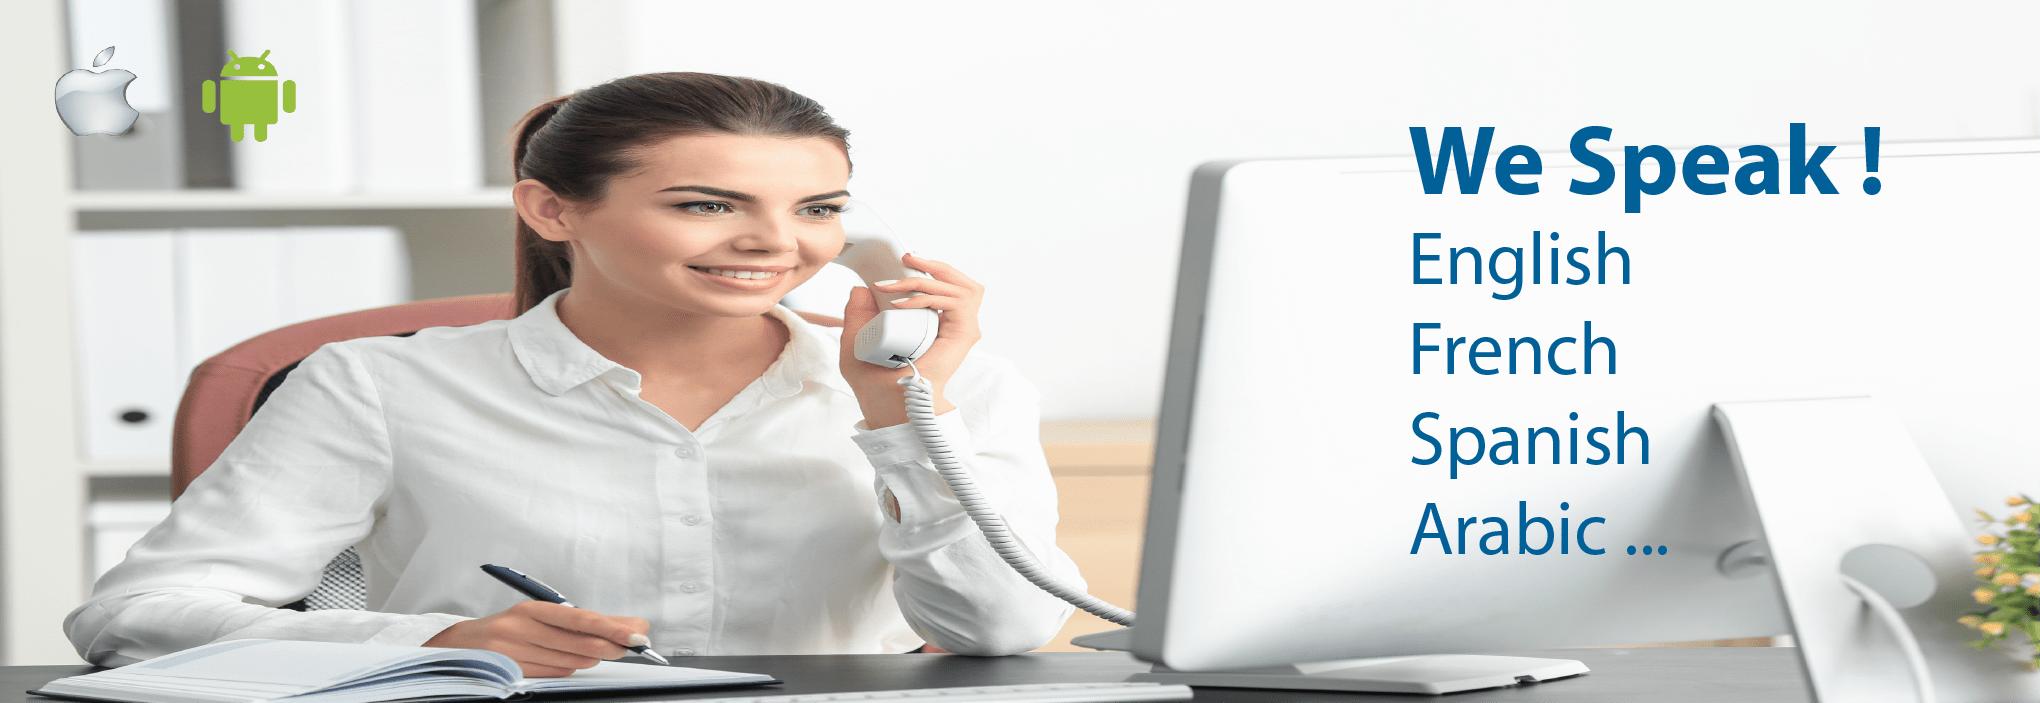 FIDULINK INTERNATIONAL creación de una empresa offshore creación de una empresa en línea crear una empresa en línea